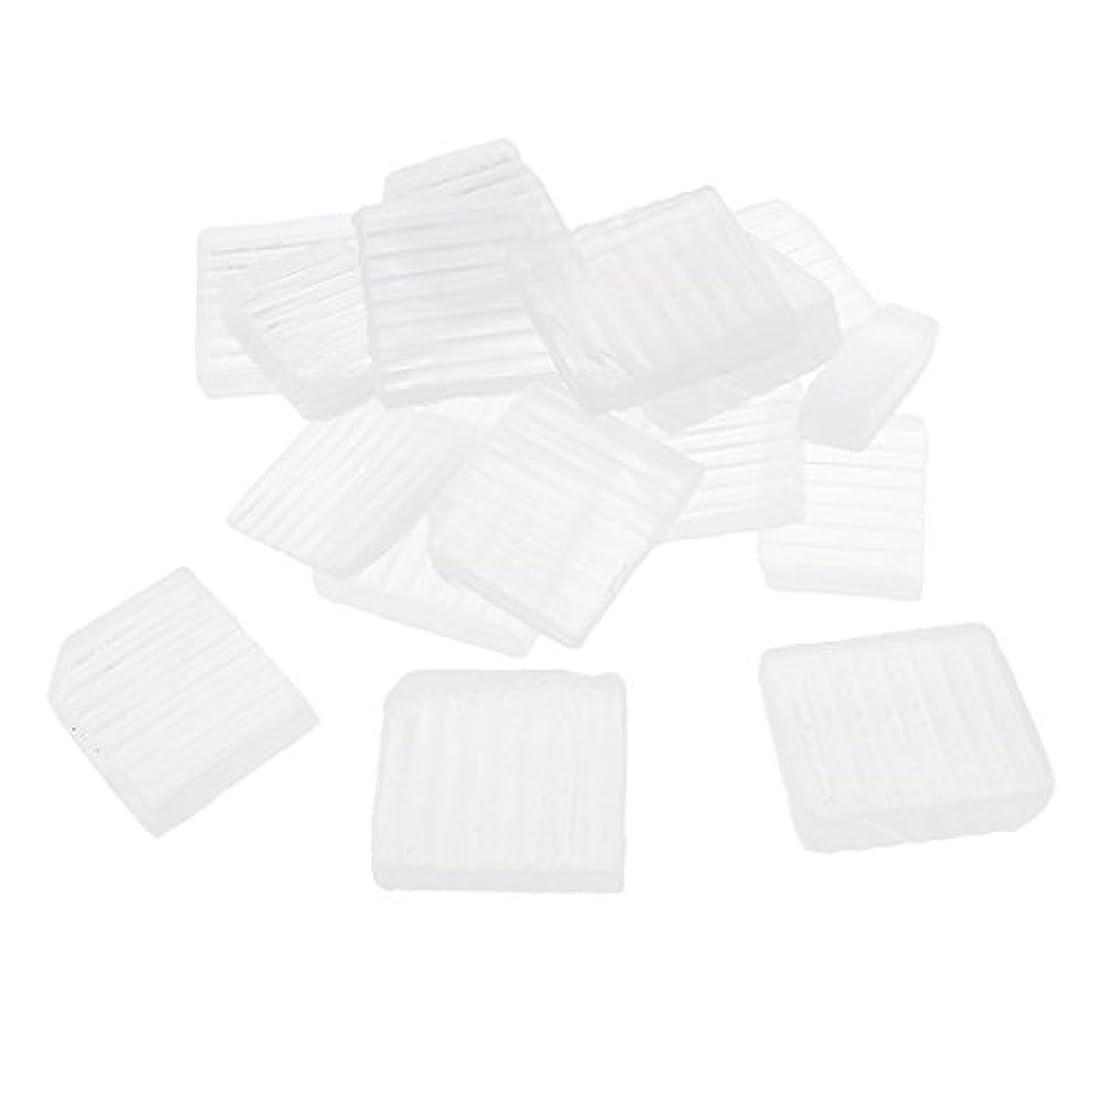 クリープキャッシュ戦艦透明 石鹸ベース DIY 手作り 石鹸 材料 約1 KG DIYギフト